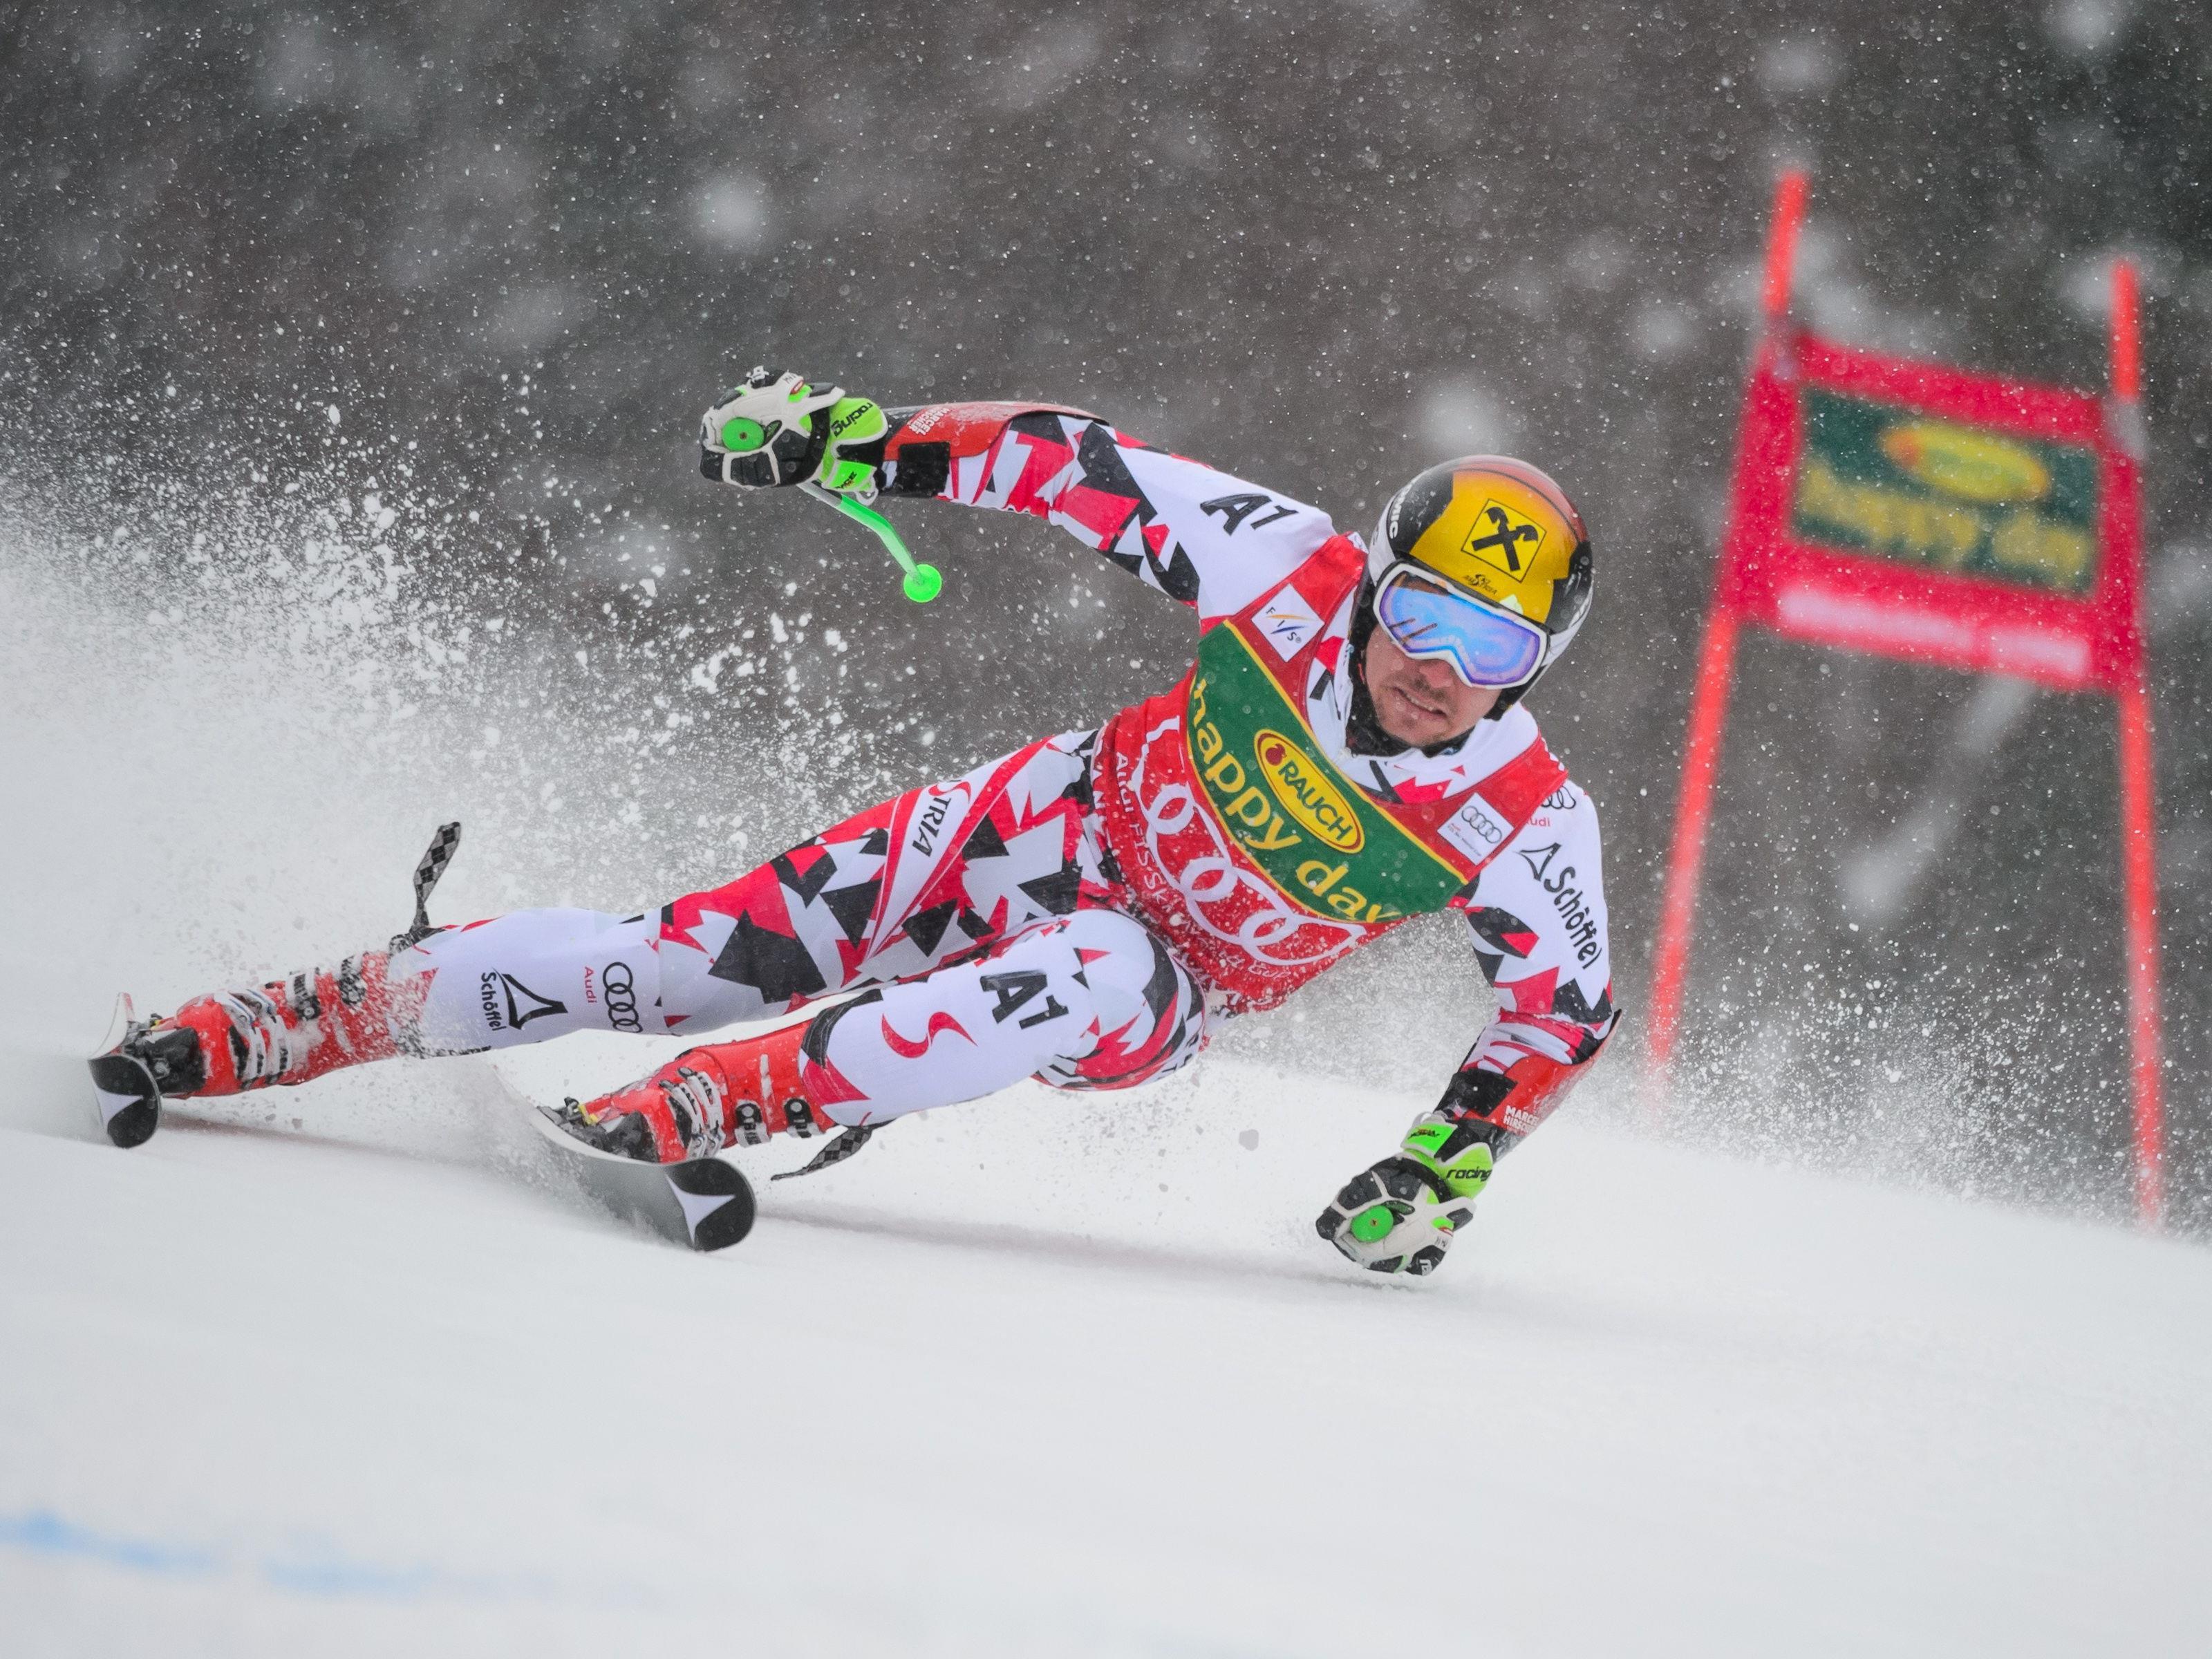 Auch Riesentorlaufkugel hat der 27-jährige Salzburger nach Kranjska-Gora-Sieg bereits siche